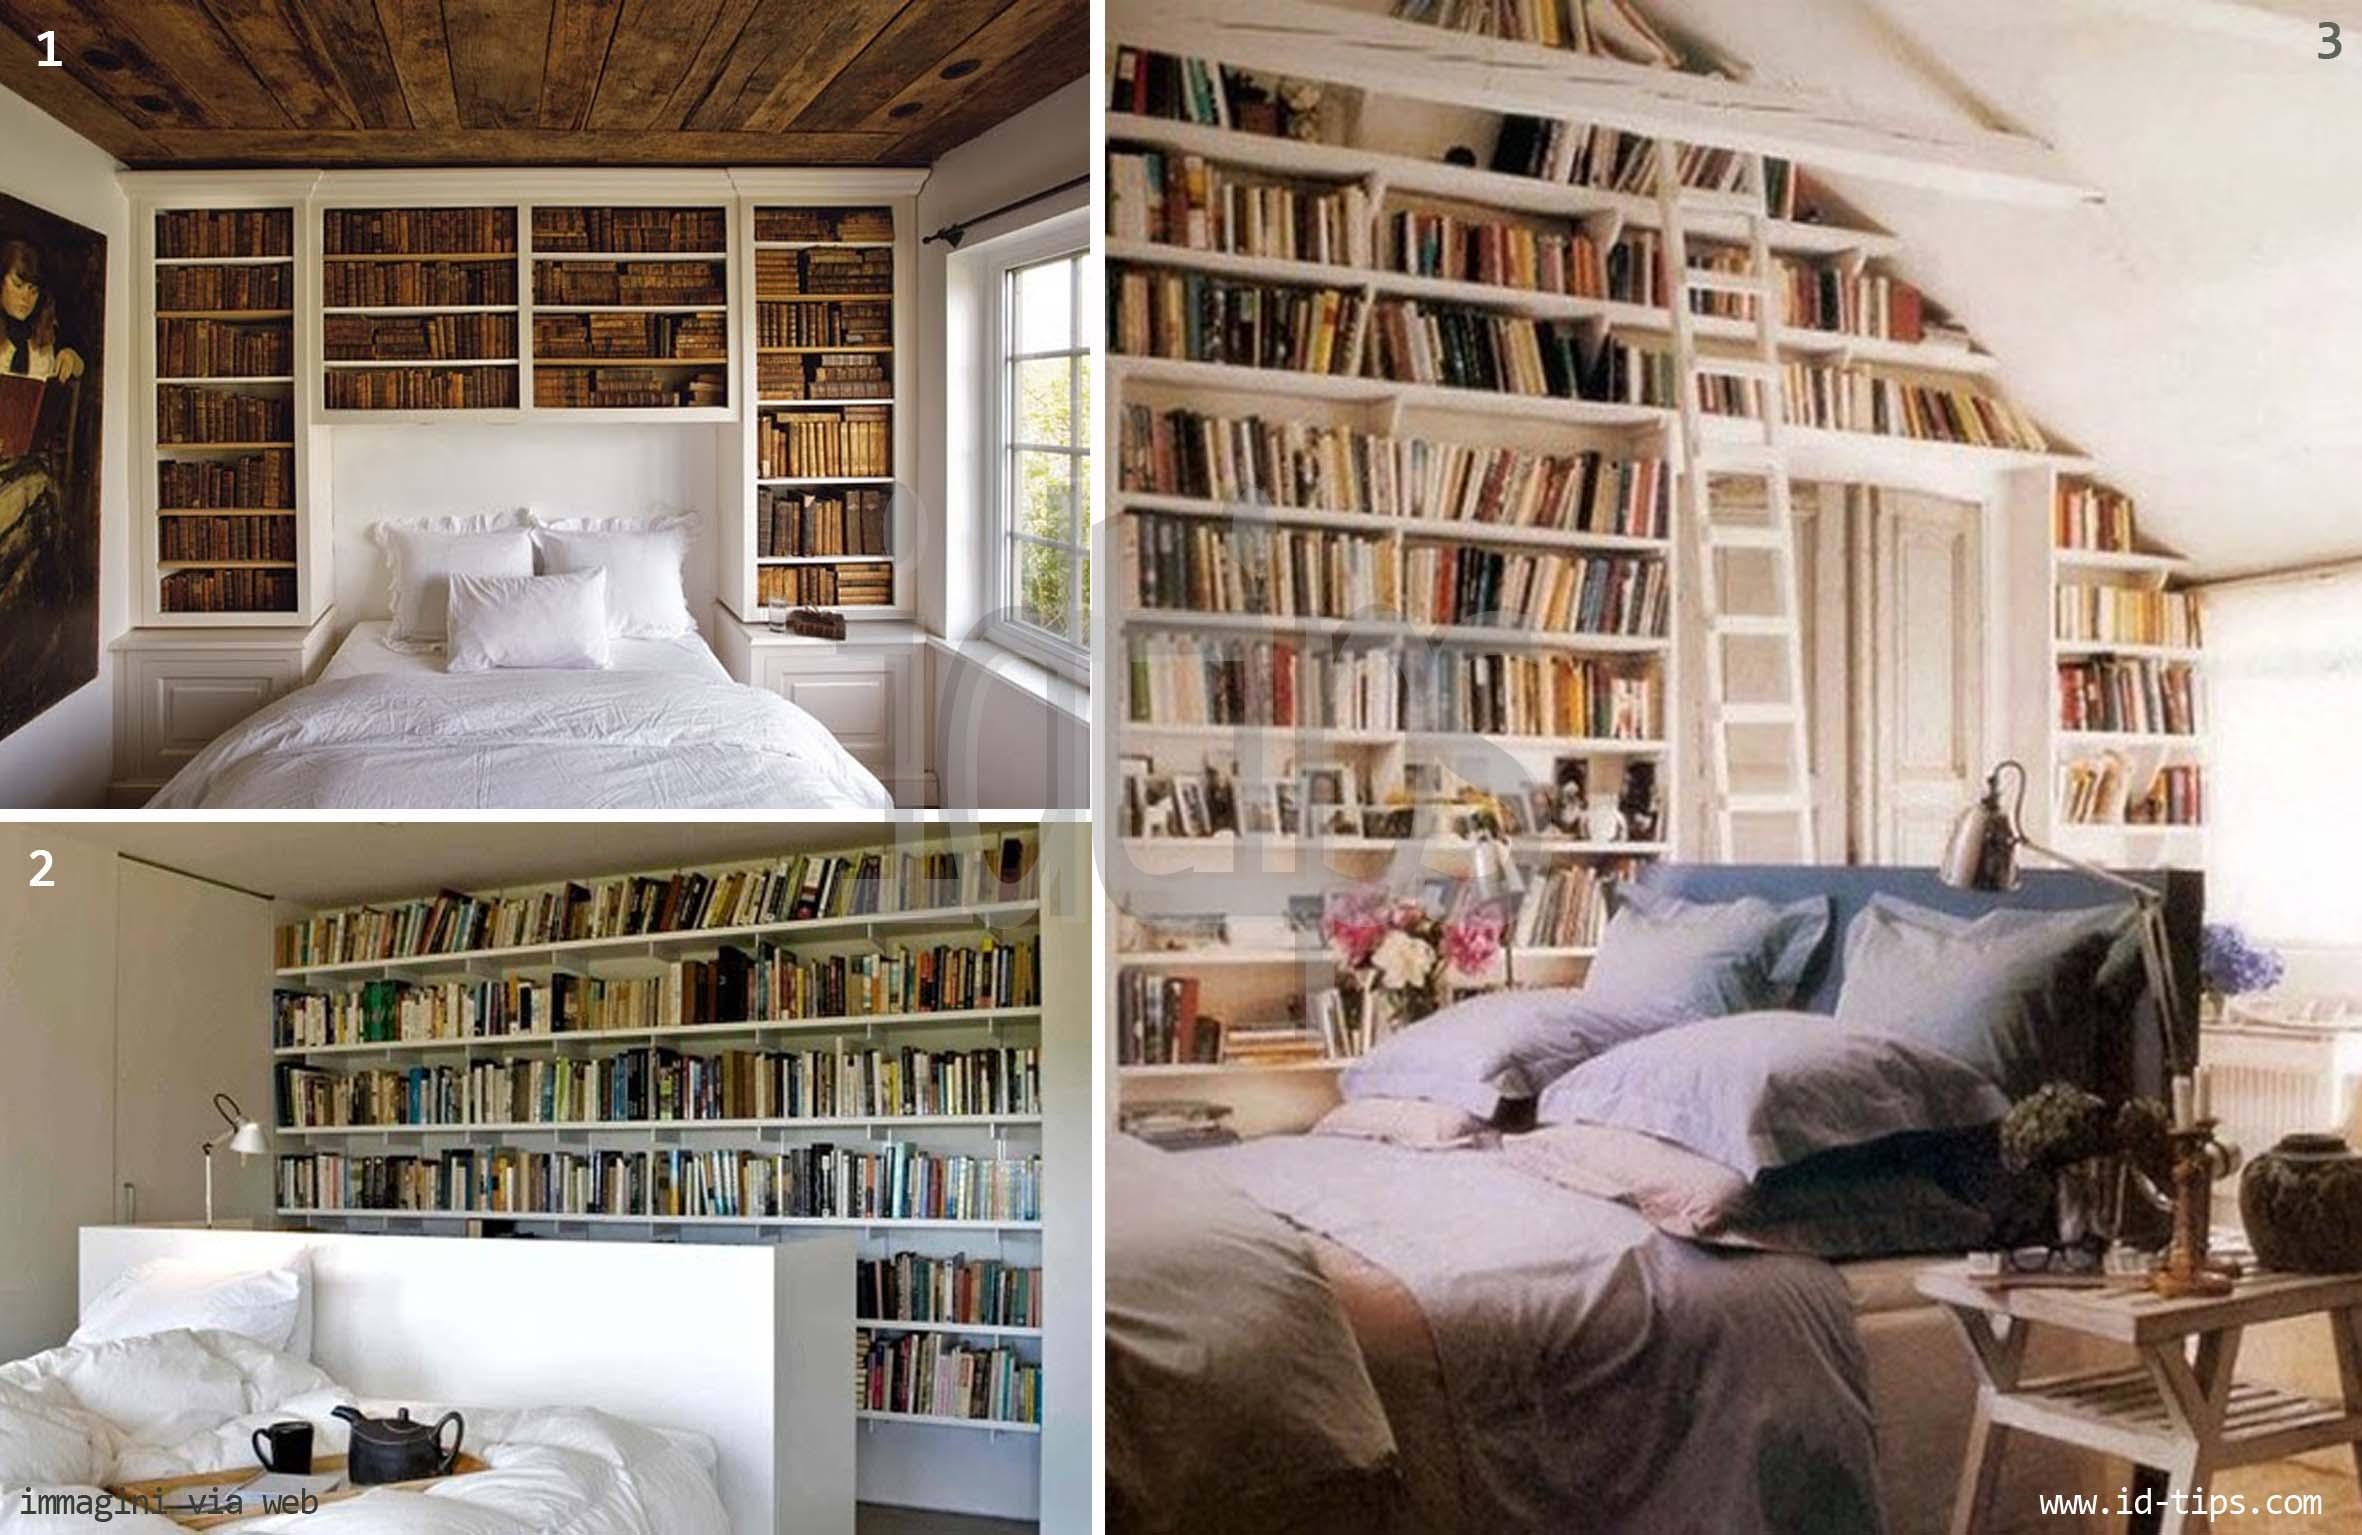 Libreria Per Camere Da Letto : Libreria per camera da letto uno scrigno di ricordi dalani e